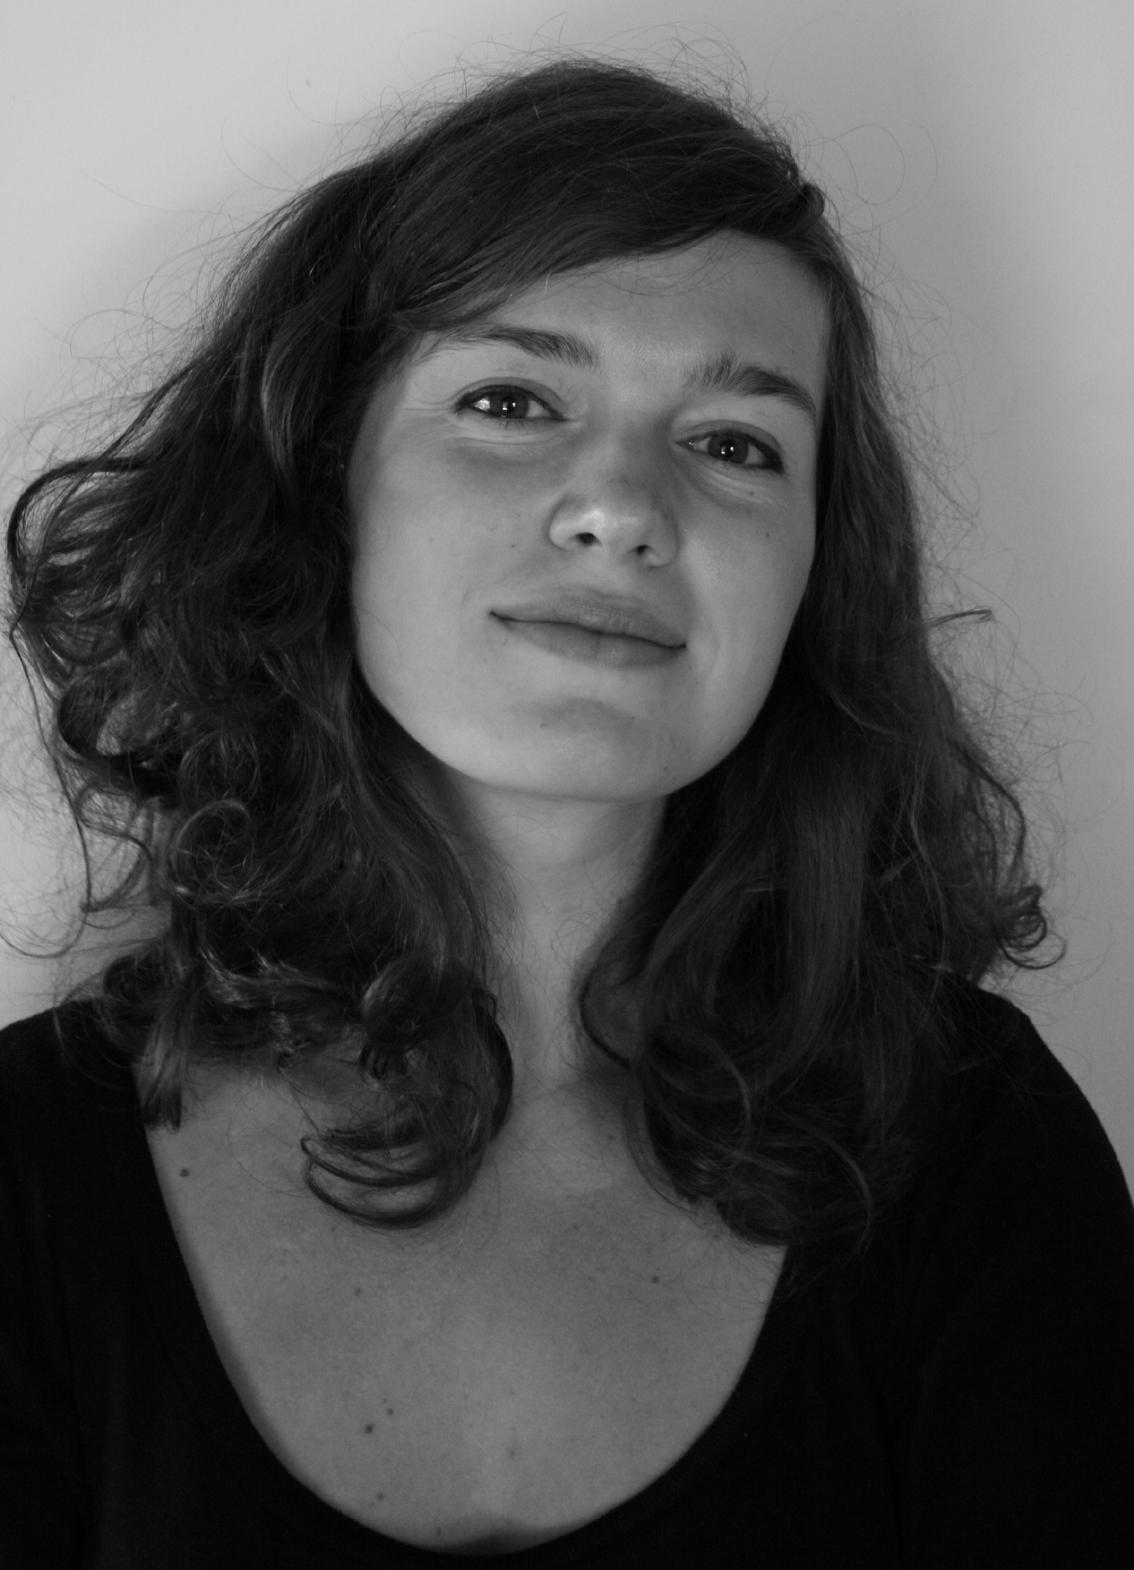 le blog d 39 albin michel jeunesse On juliette boulard